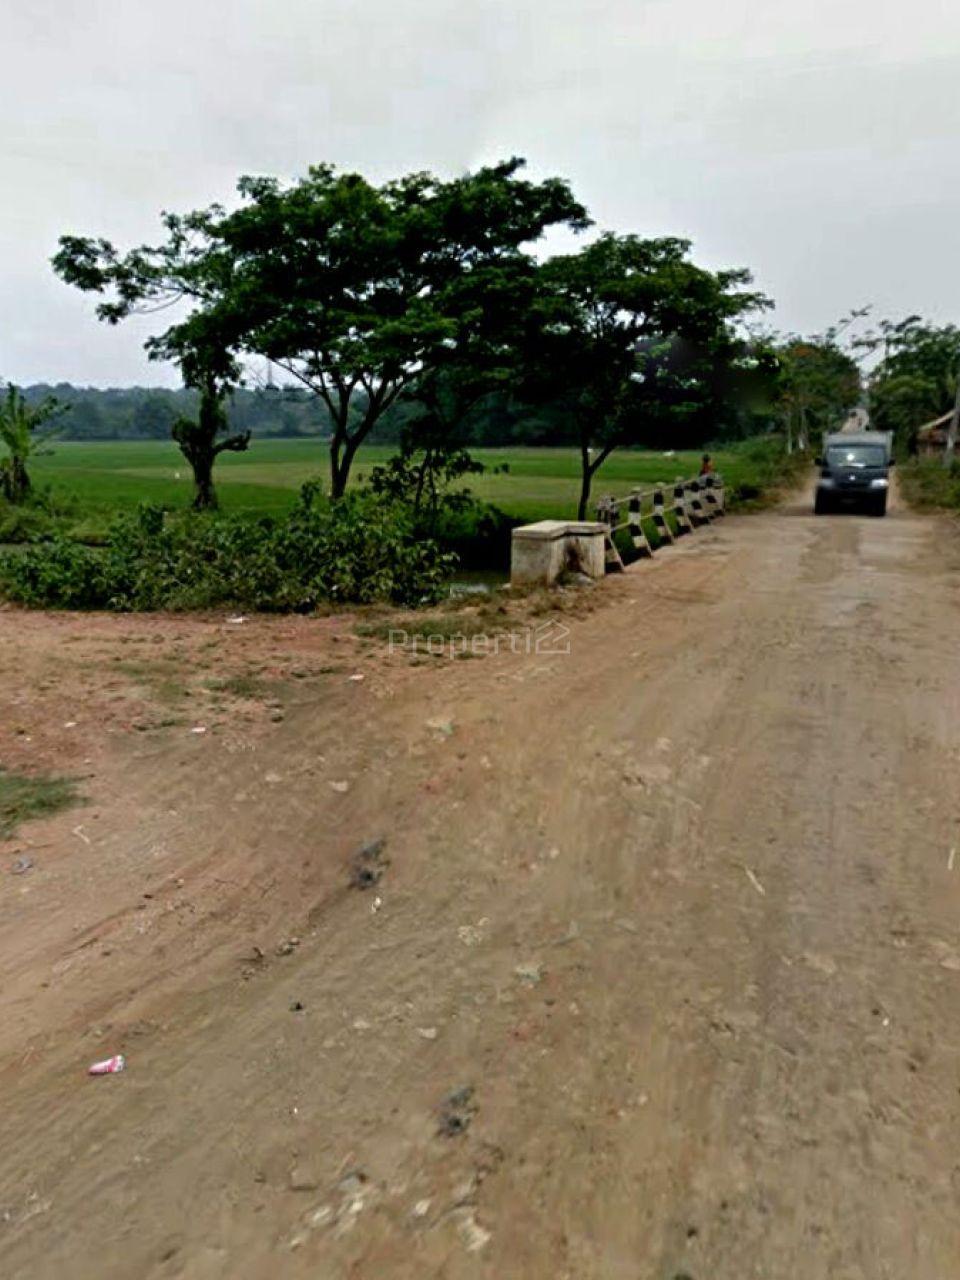 Land 1.1 Ha for Housing in Rajeg, Tangerang, Banten